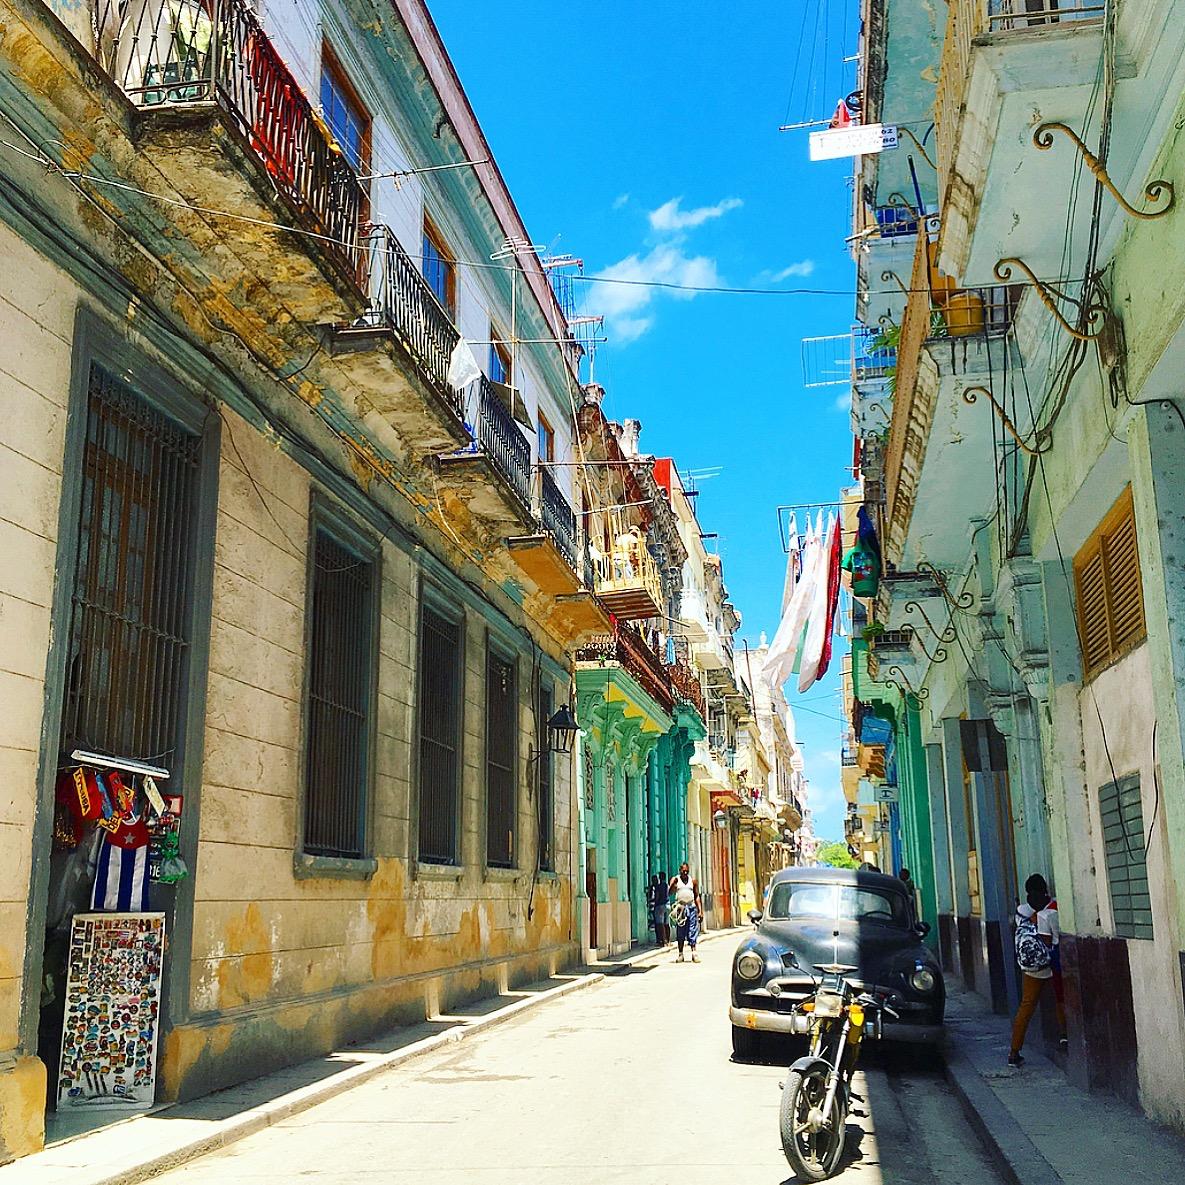 Cuba, April 16-22nd, 2017